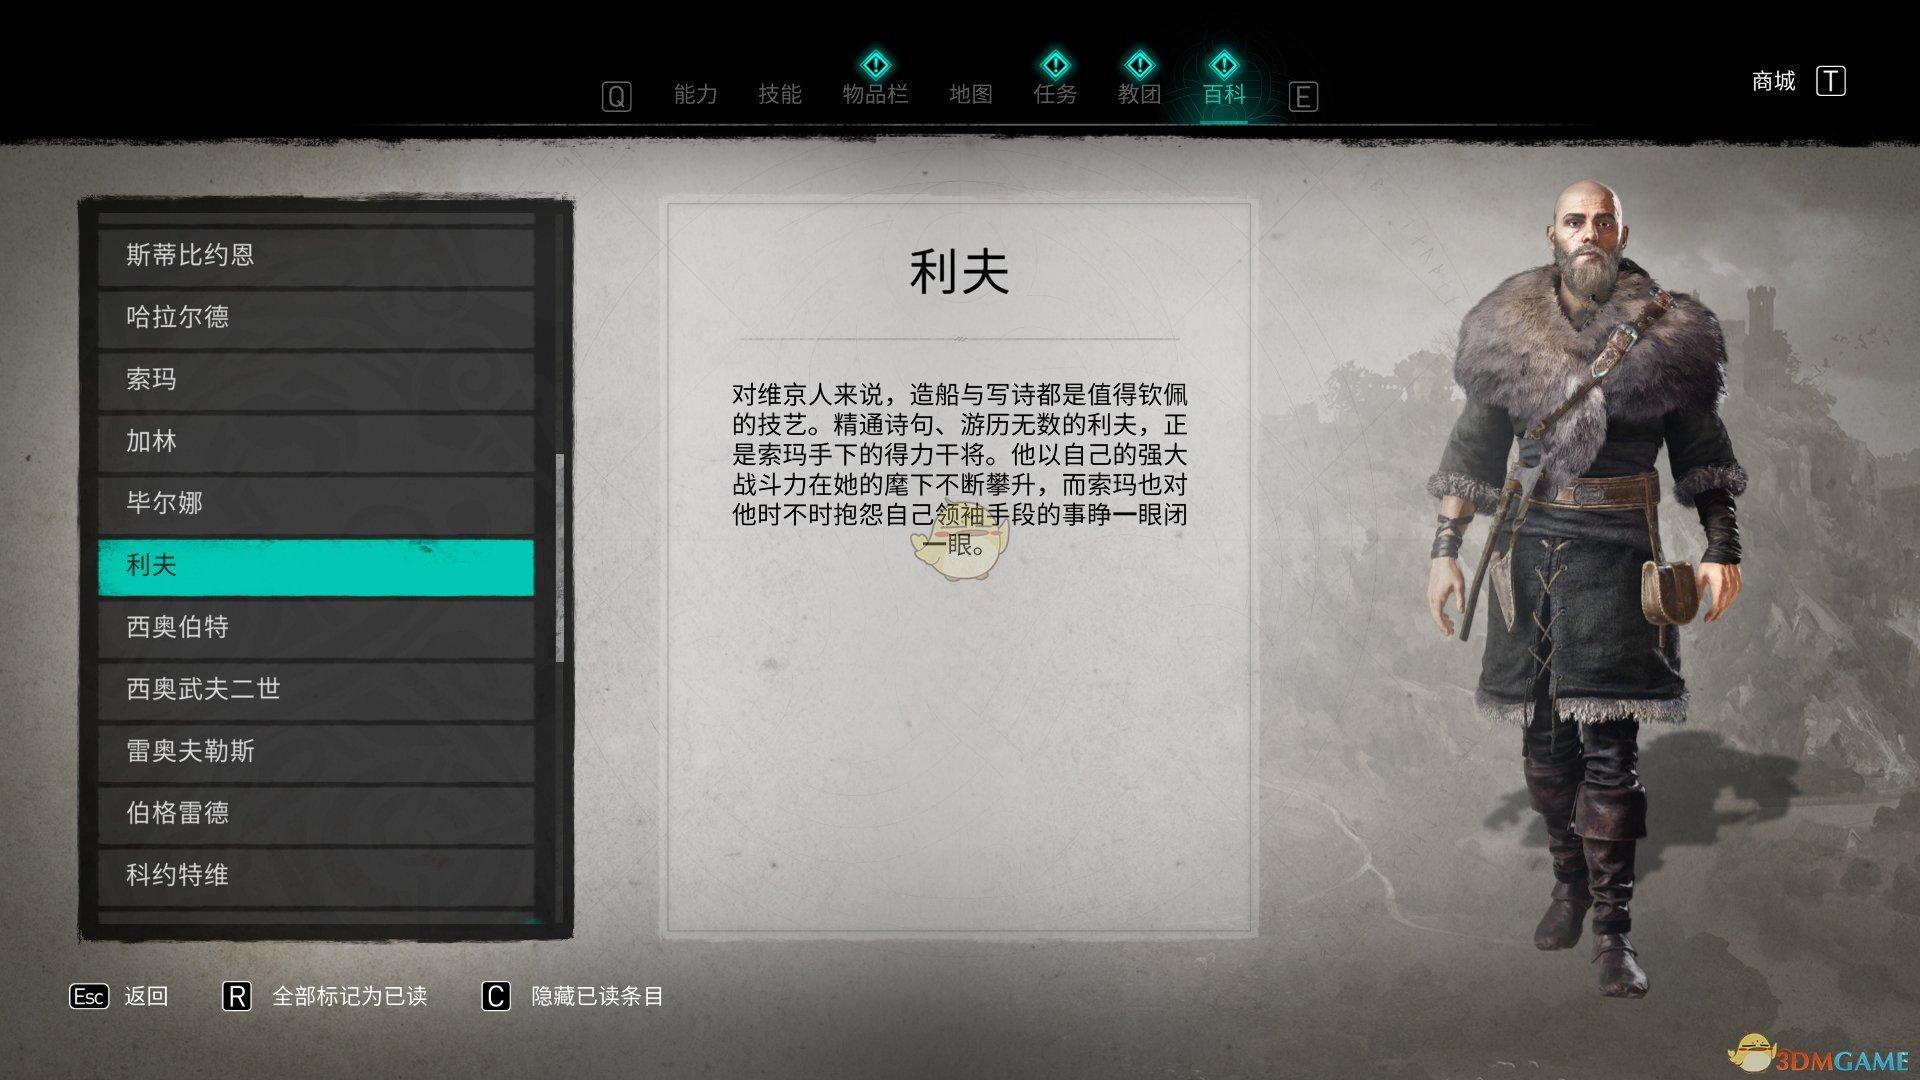 《刺客信条:英灵殿》利夫人物背景介绍